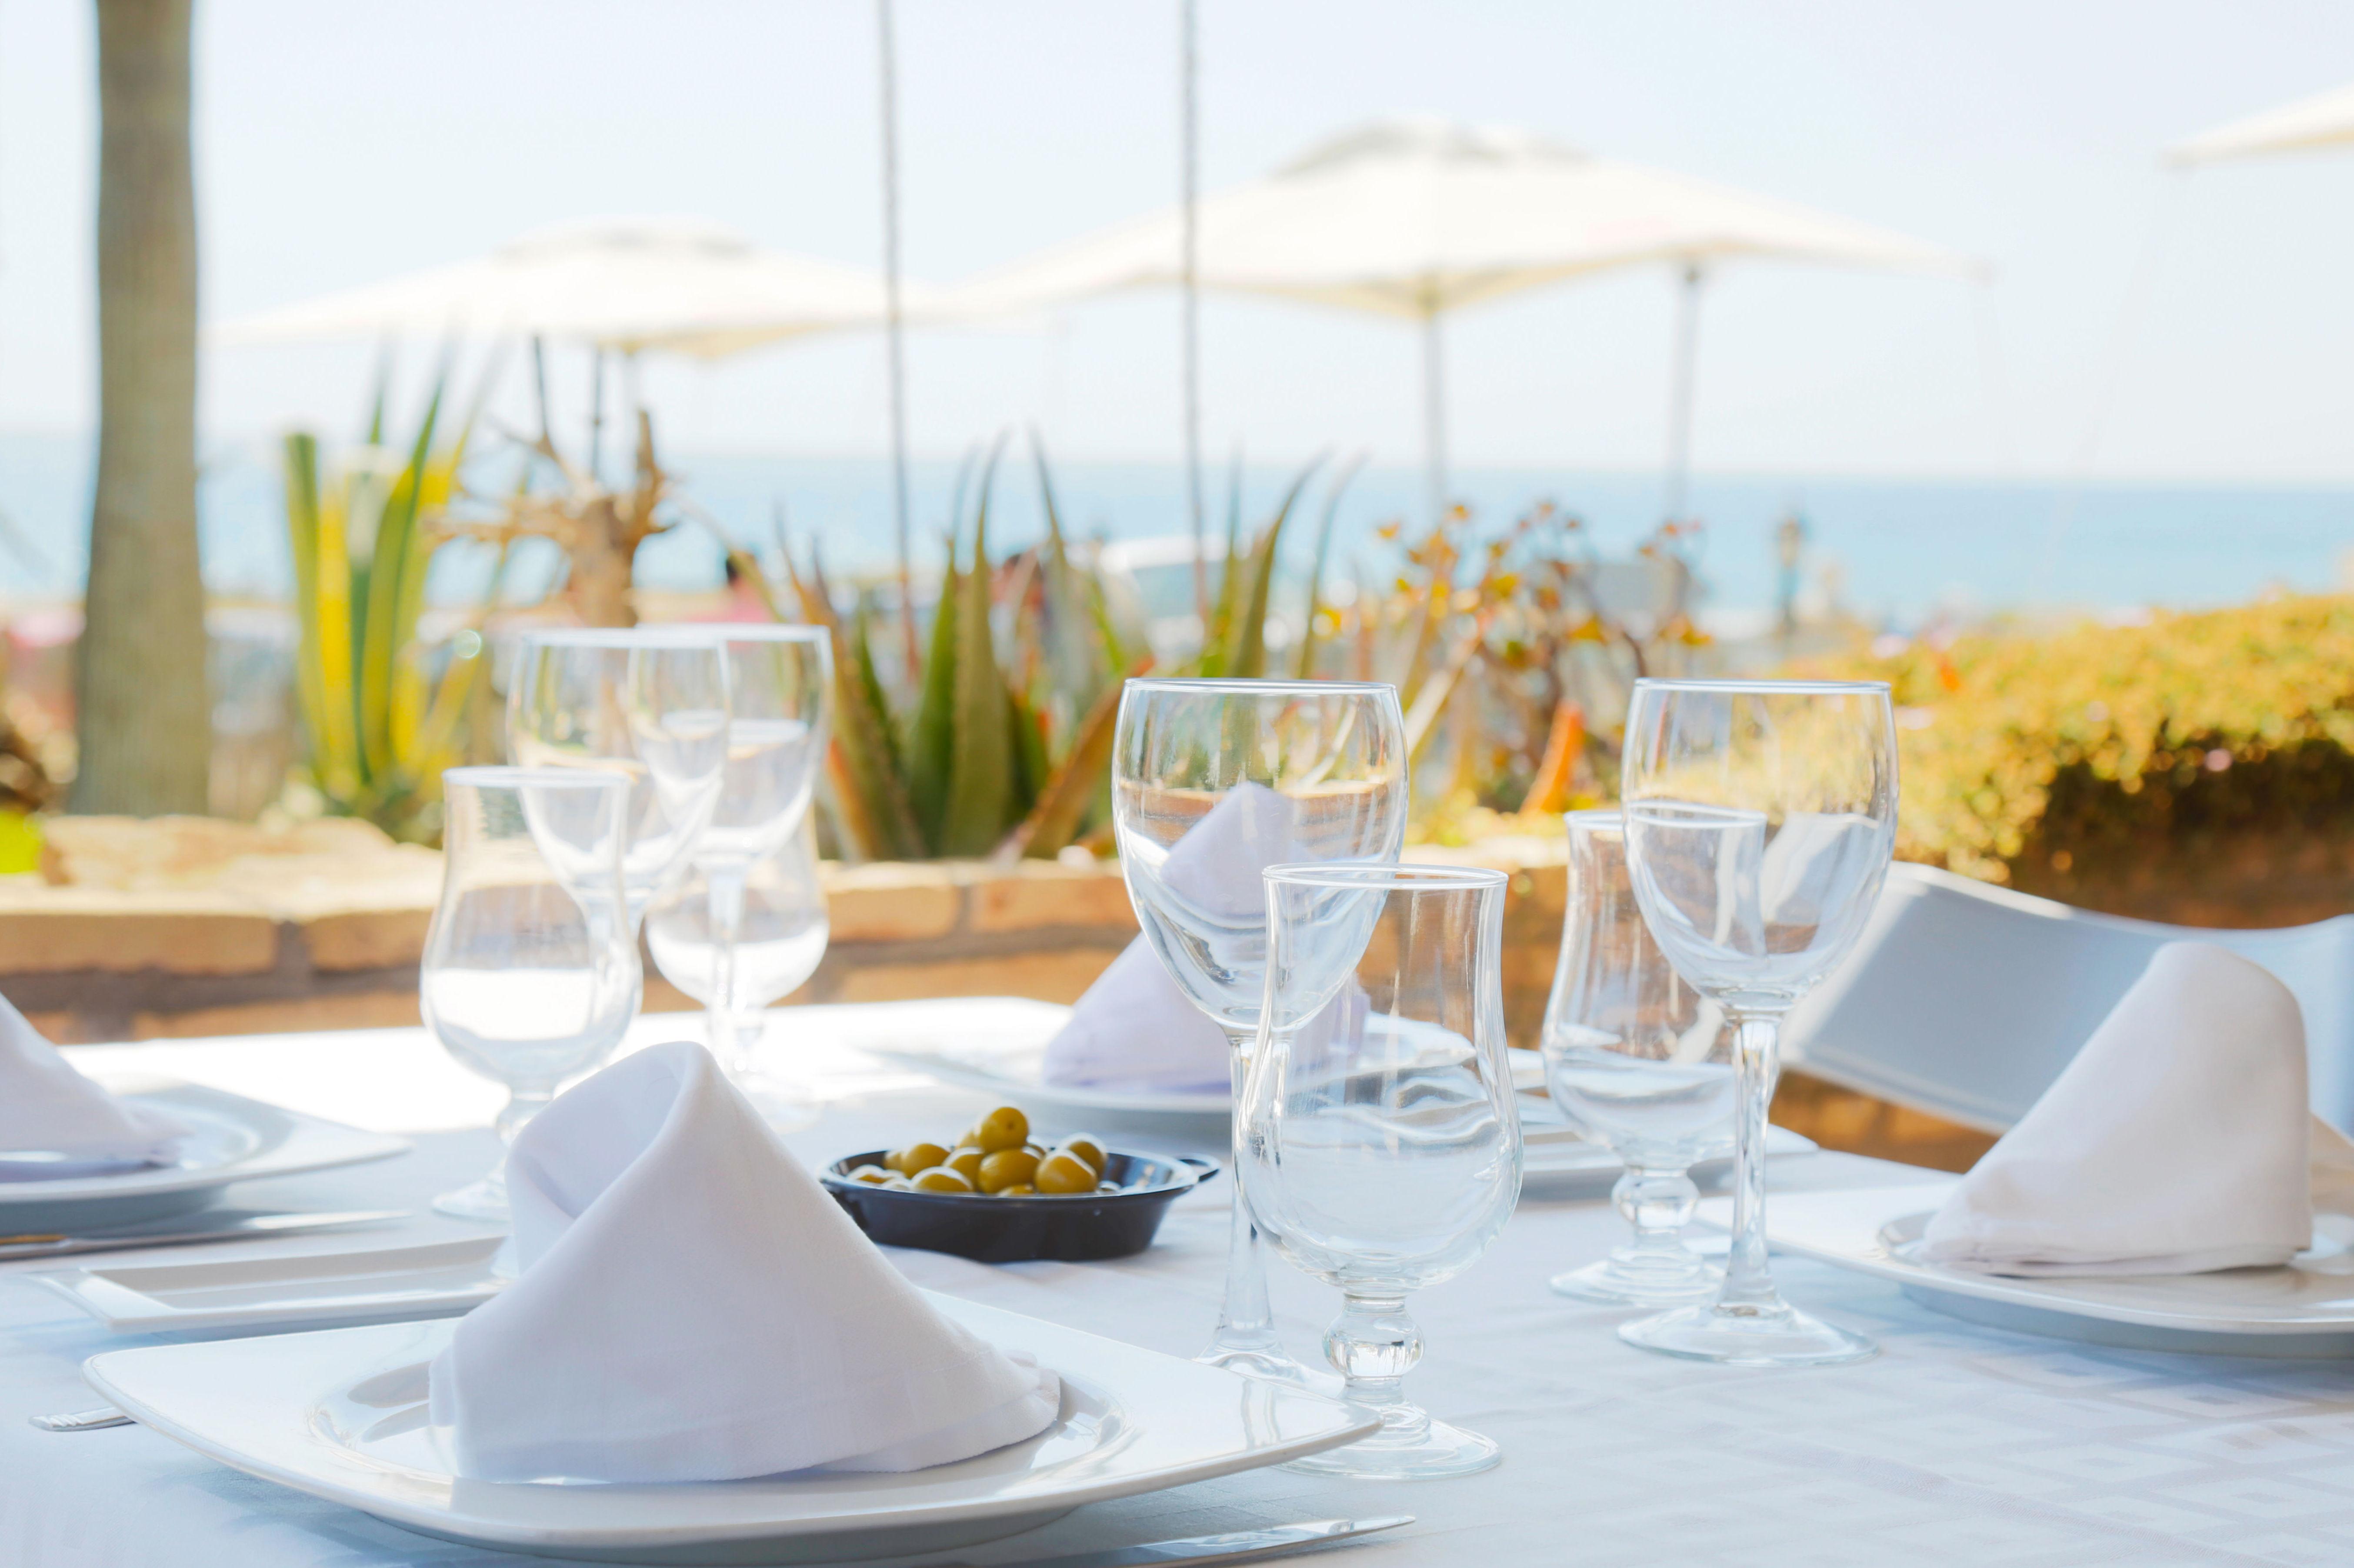 Foto 1 de Restaurante en Chiclana de la Frontera | Restaurante La Sartén